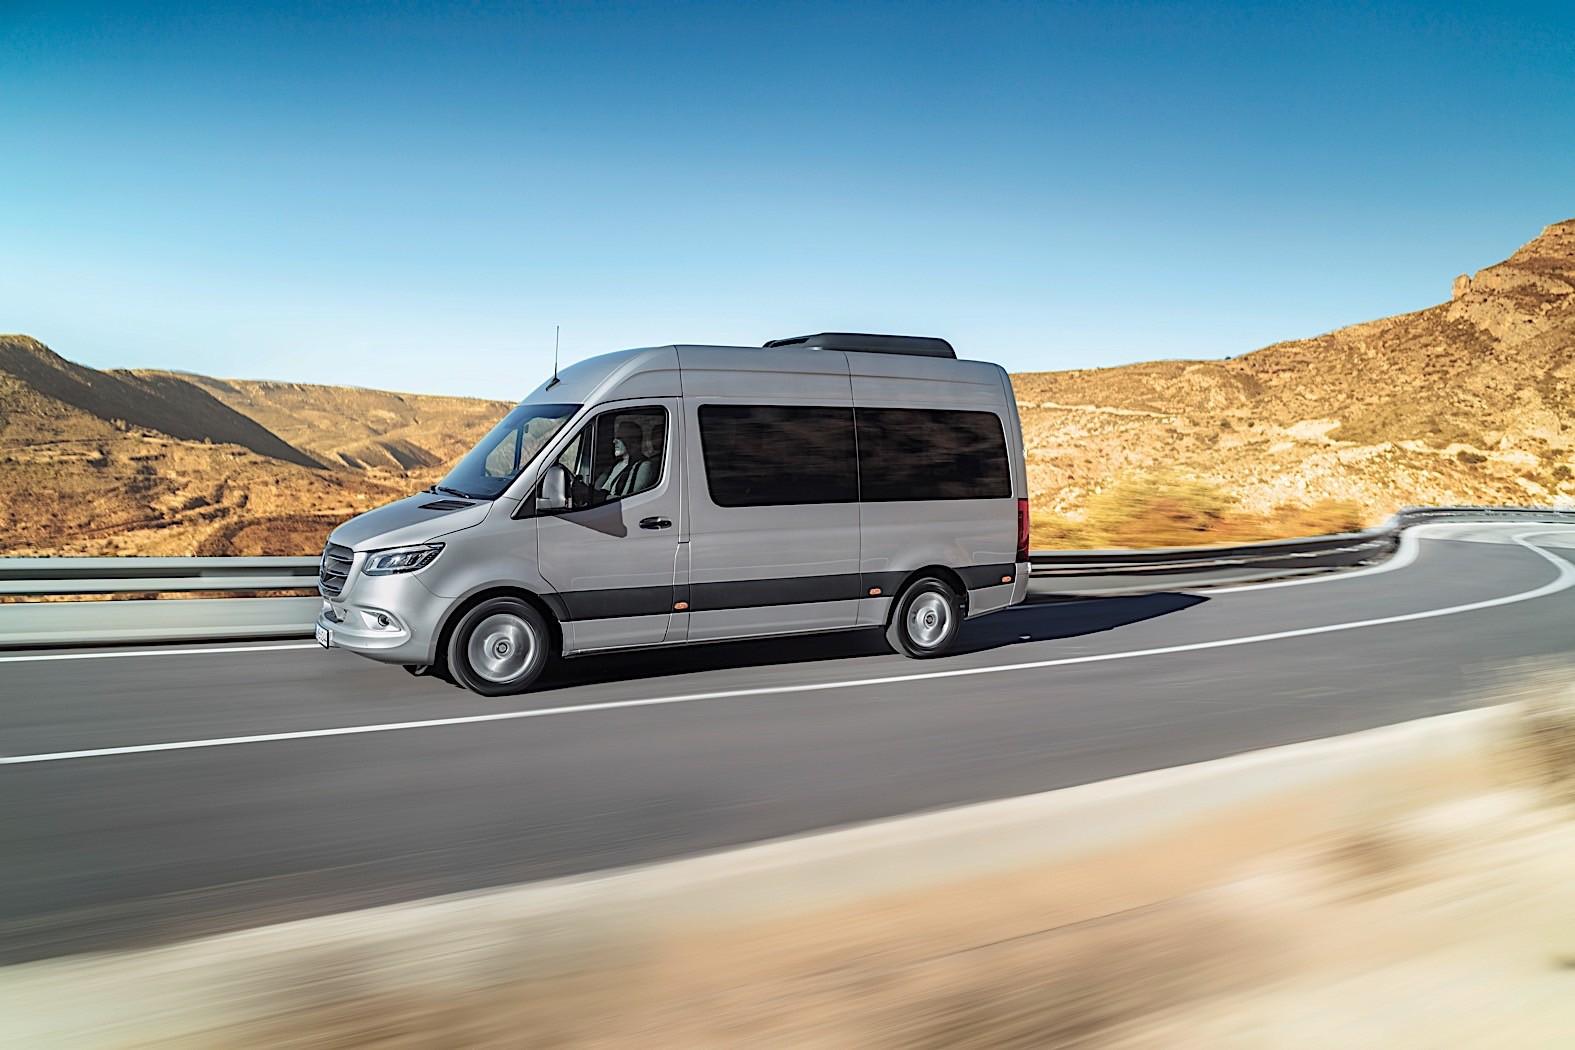 Yeni Sprinter 2018 >> Mercedes-Benz Sprinter-based RV Reviewed by AutoBlog - autoevolution